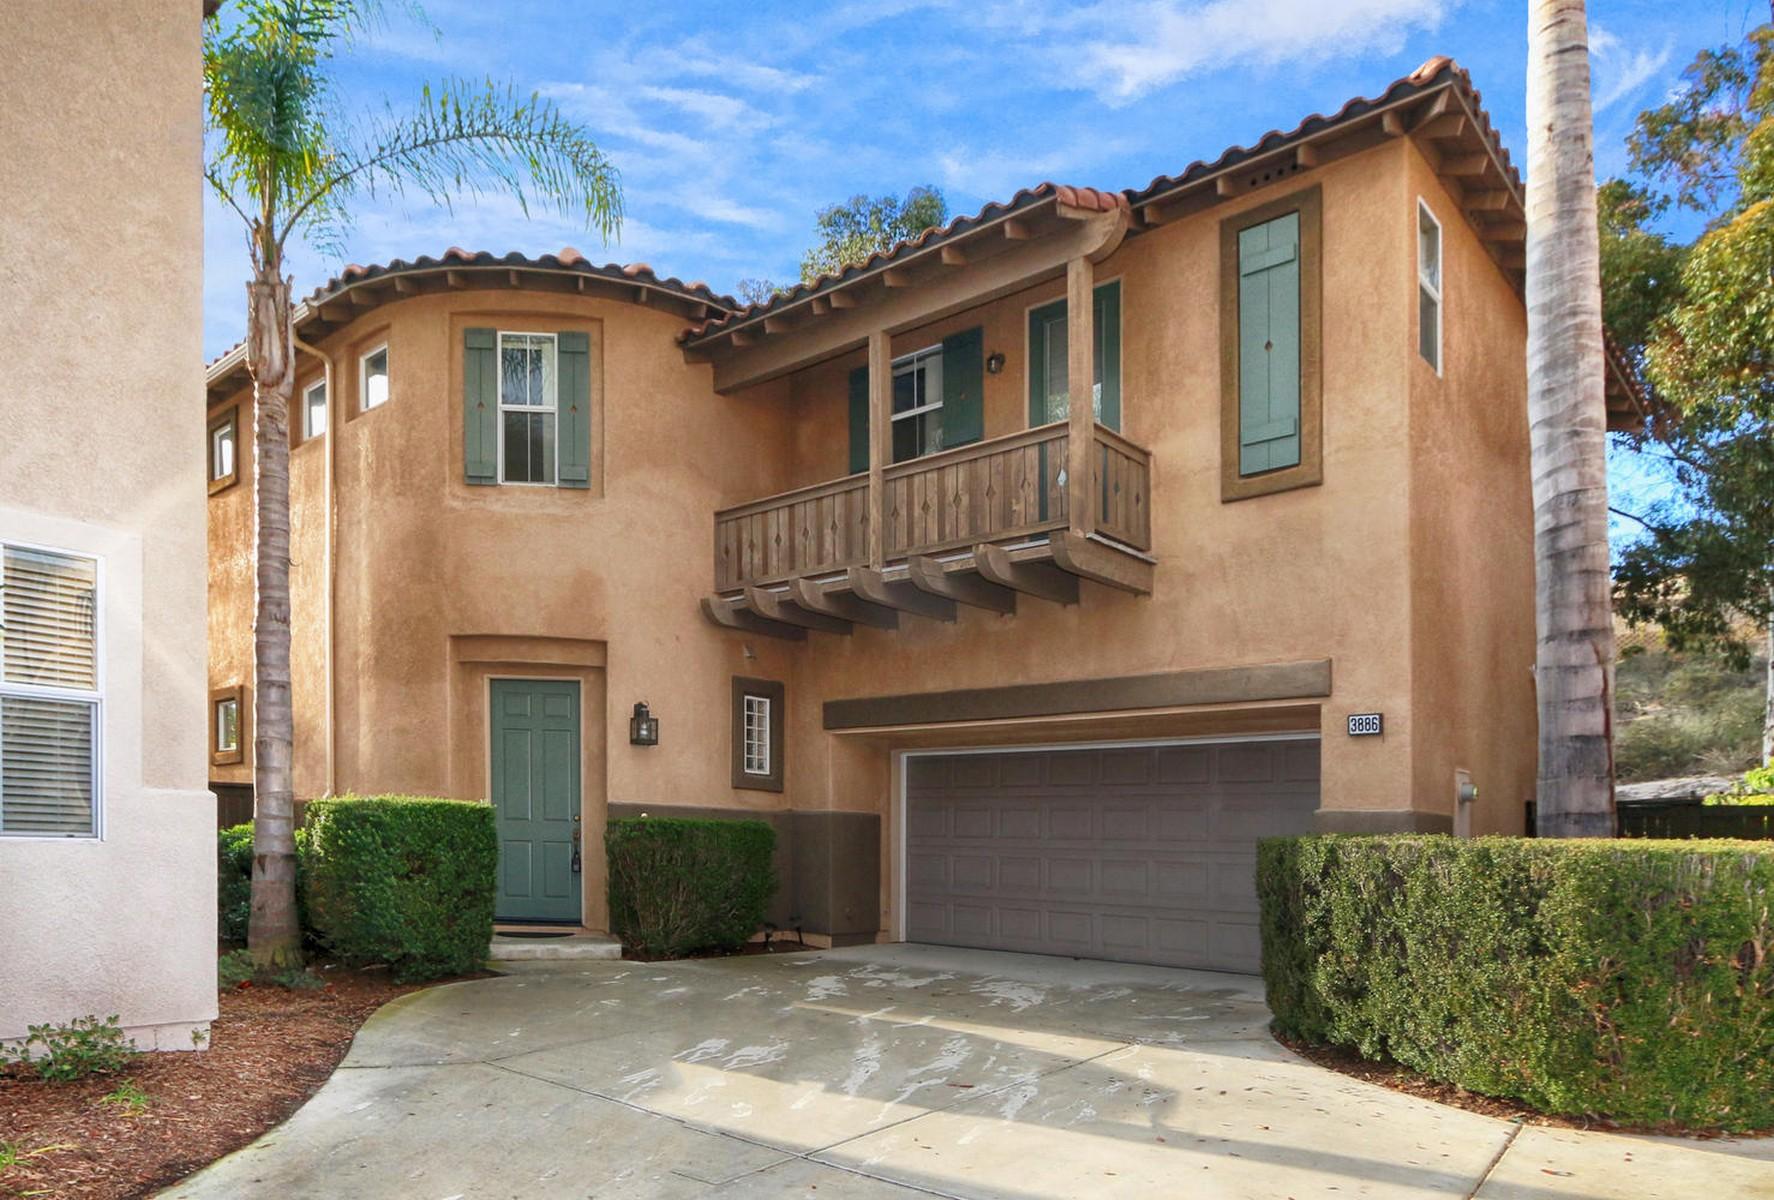 Maison unifamiliale pour l Vente à San Raphael 3886 Ruette San Raphael San Diego, Californie 92130 États-Unis